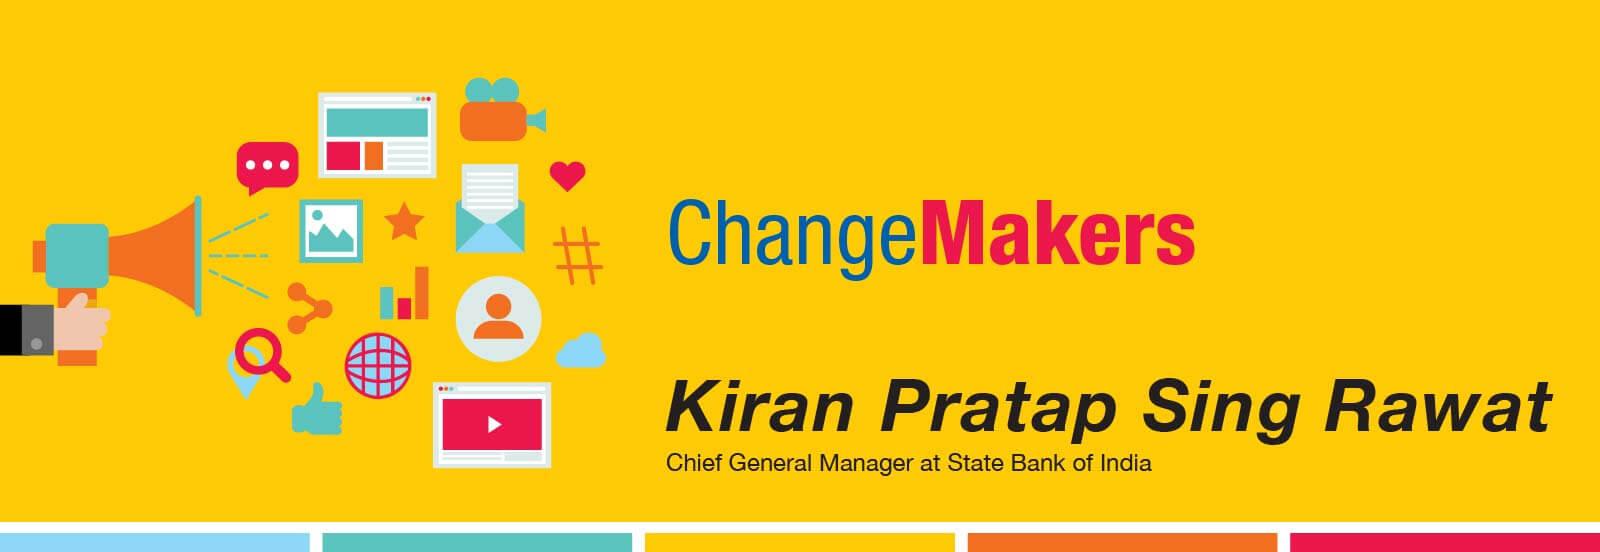 Kiran Pratap Singh